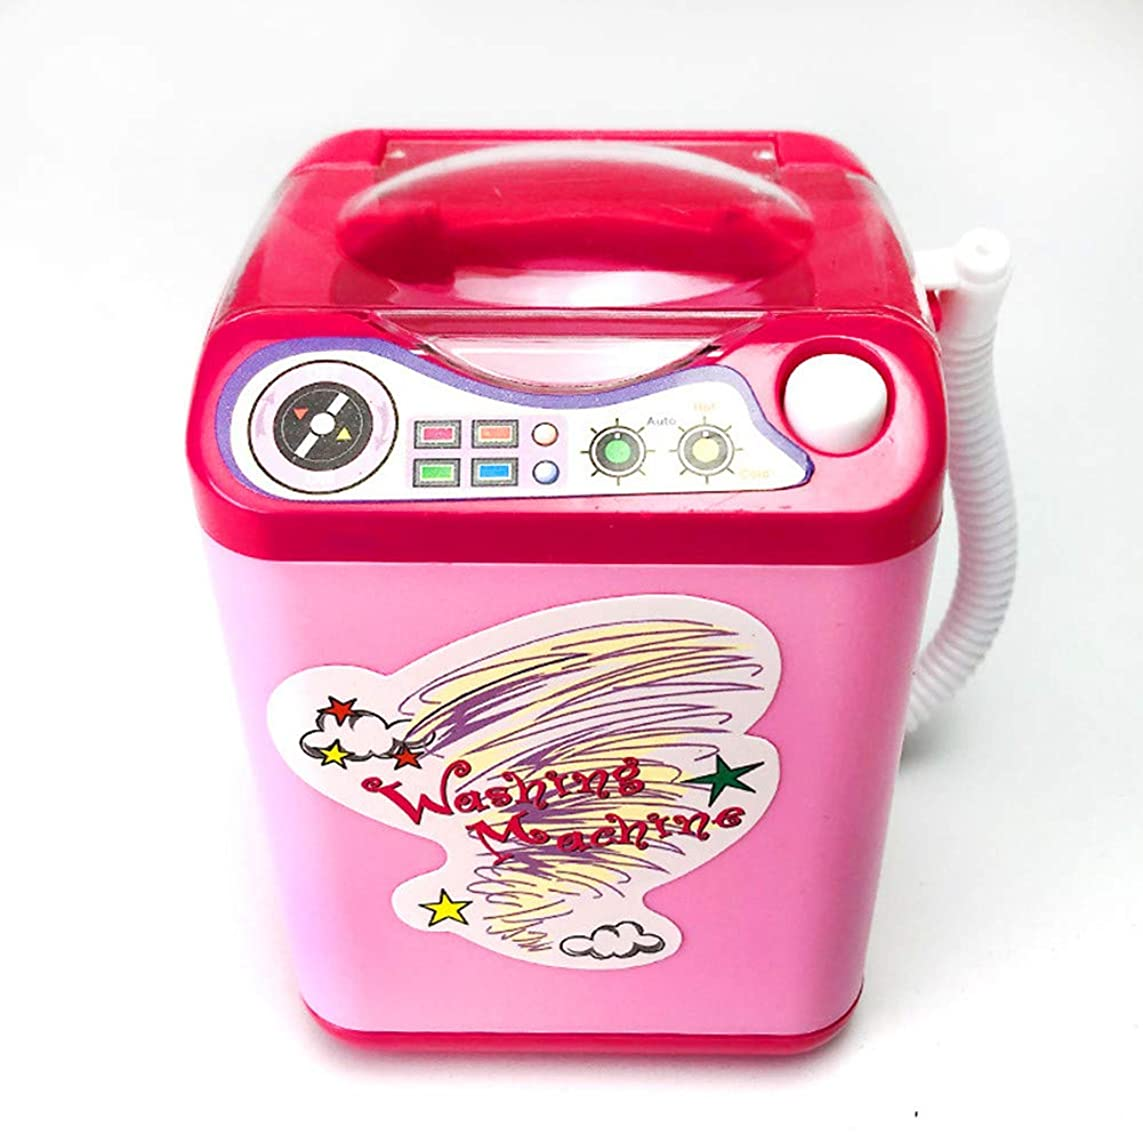 四分円リングレットハロウィンCZHomeの構造のブラシクリーナー装置の自動クリーニングの洗濯機の小型おもちゃ、超柔らかい空気クッションのパフ/化粧卵の粉のパフ/子供のシミュレーションの教育おもちゃ (ライトピンク)